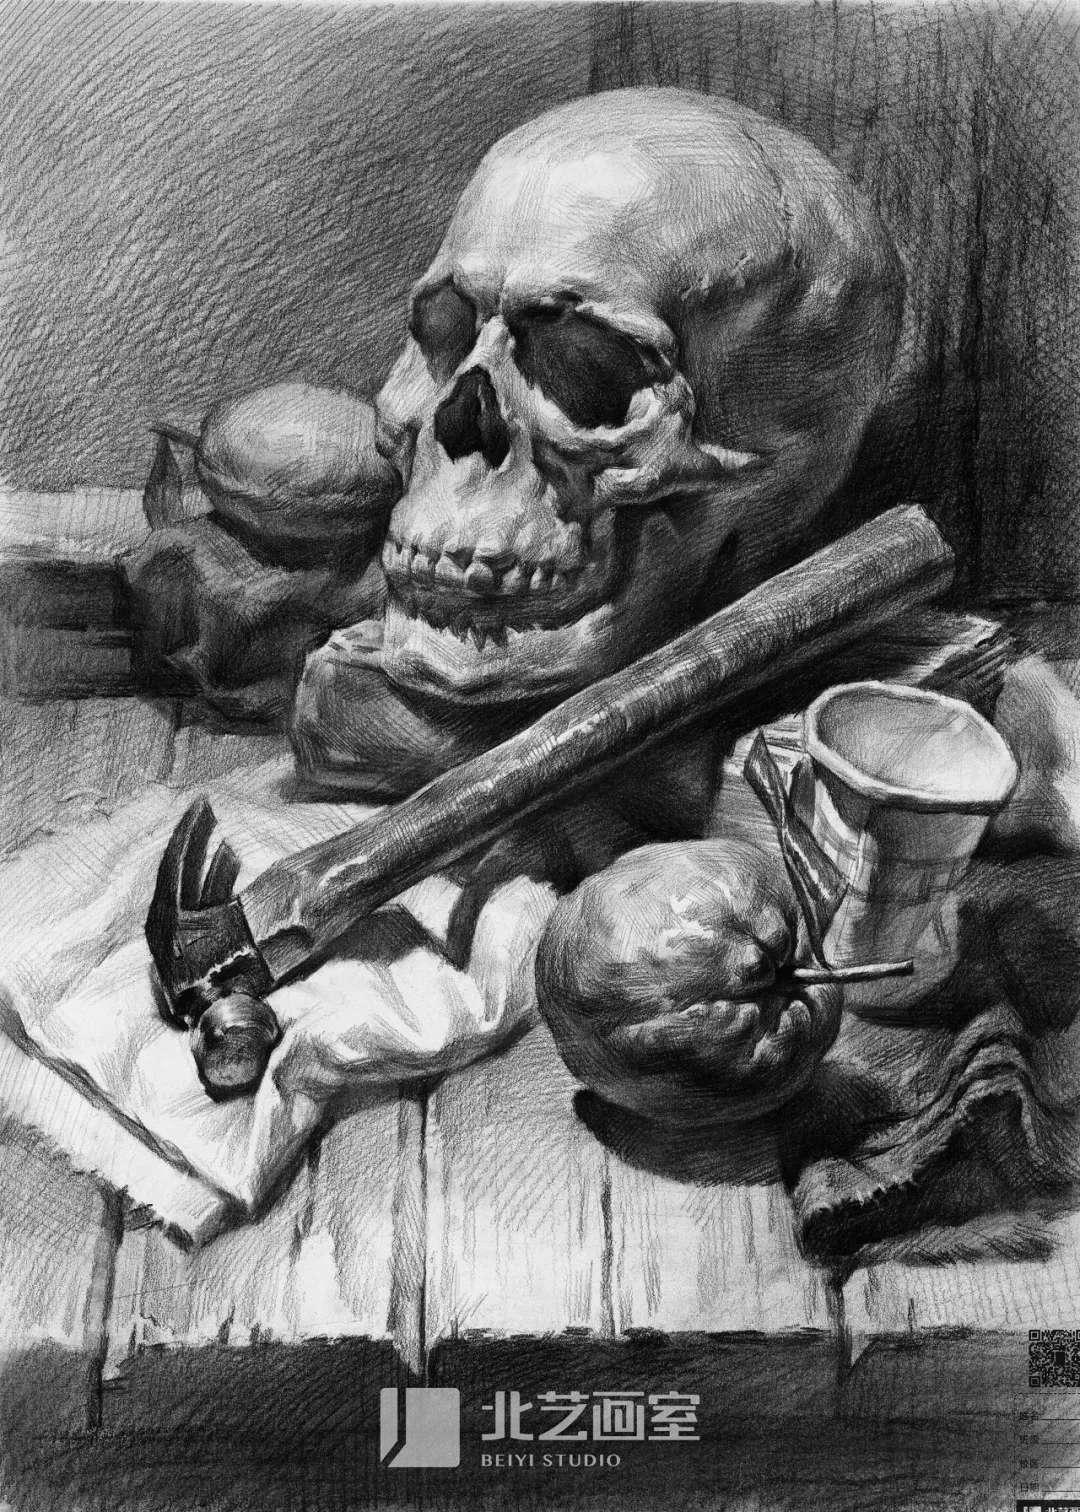 素描静物——骷髅头/锤子、纸杯、水果组合训练作品